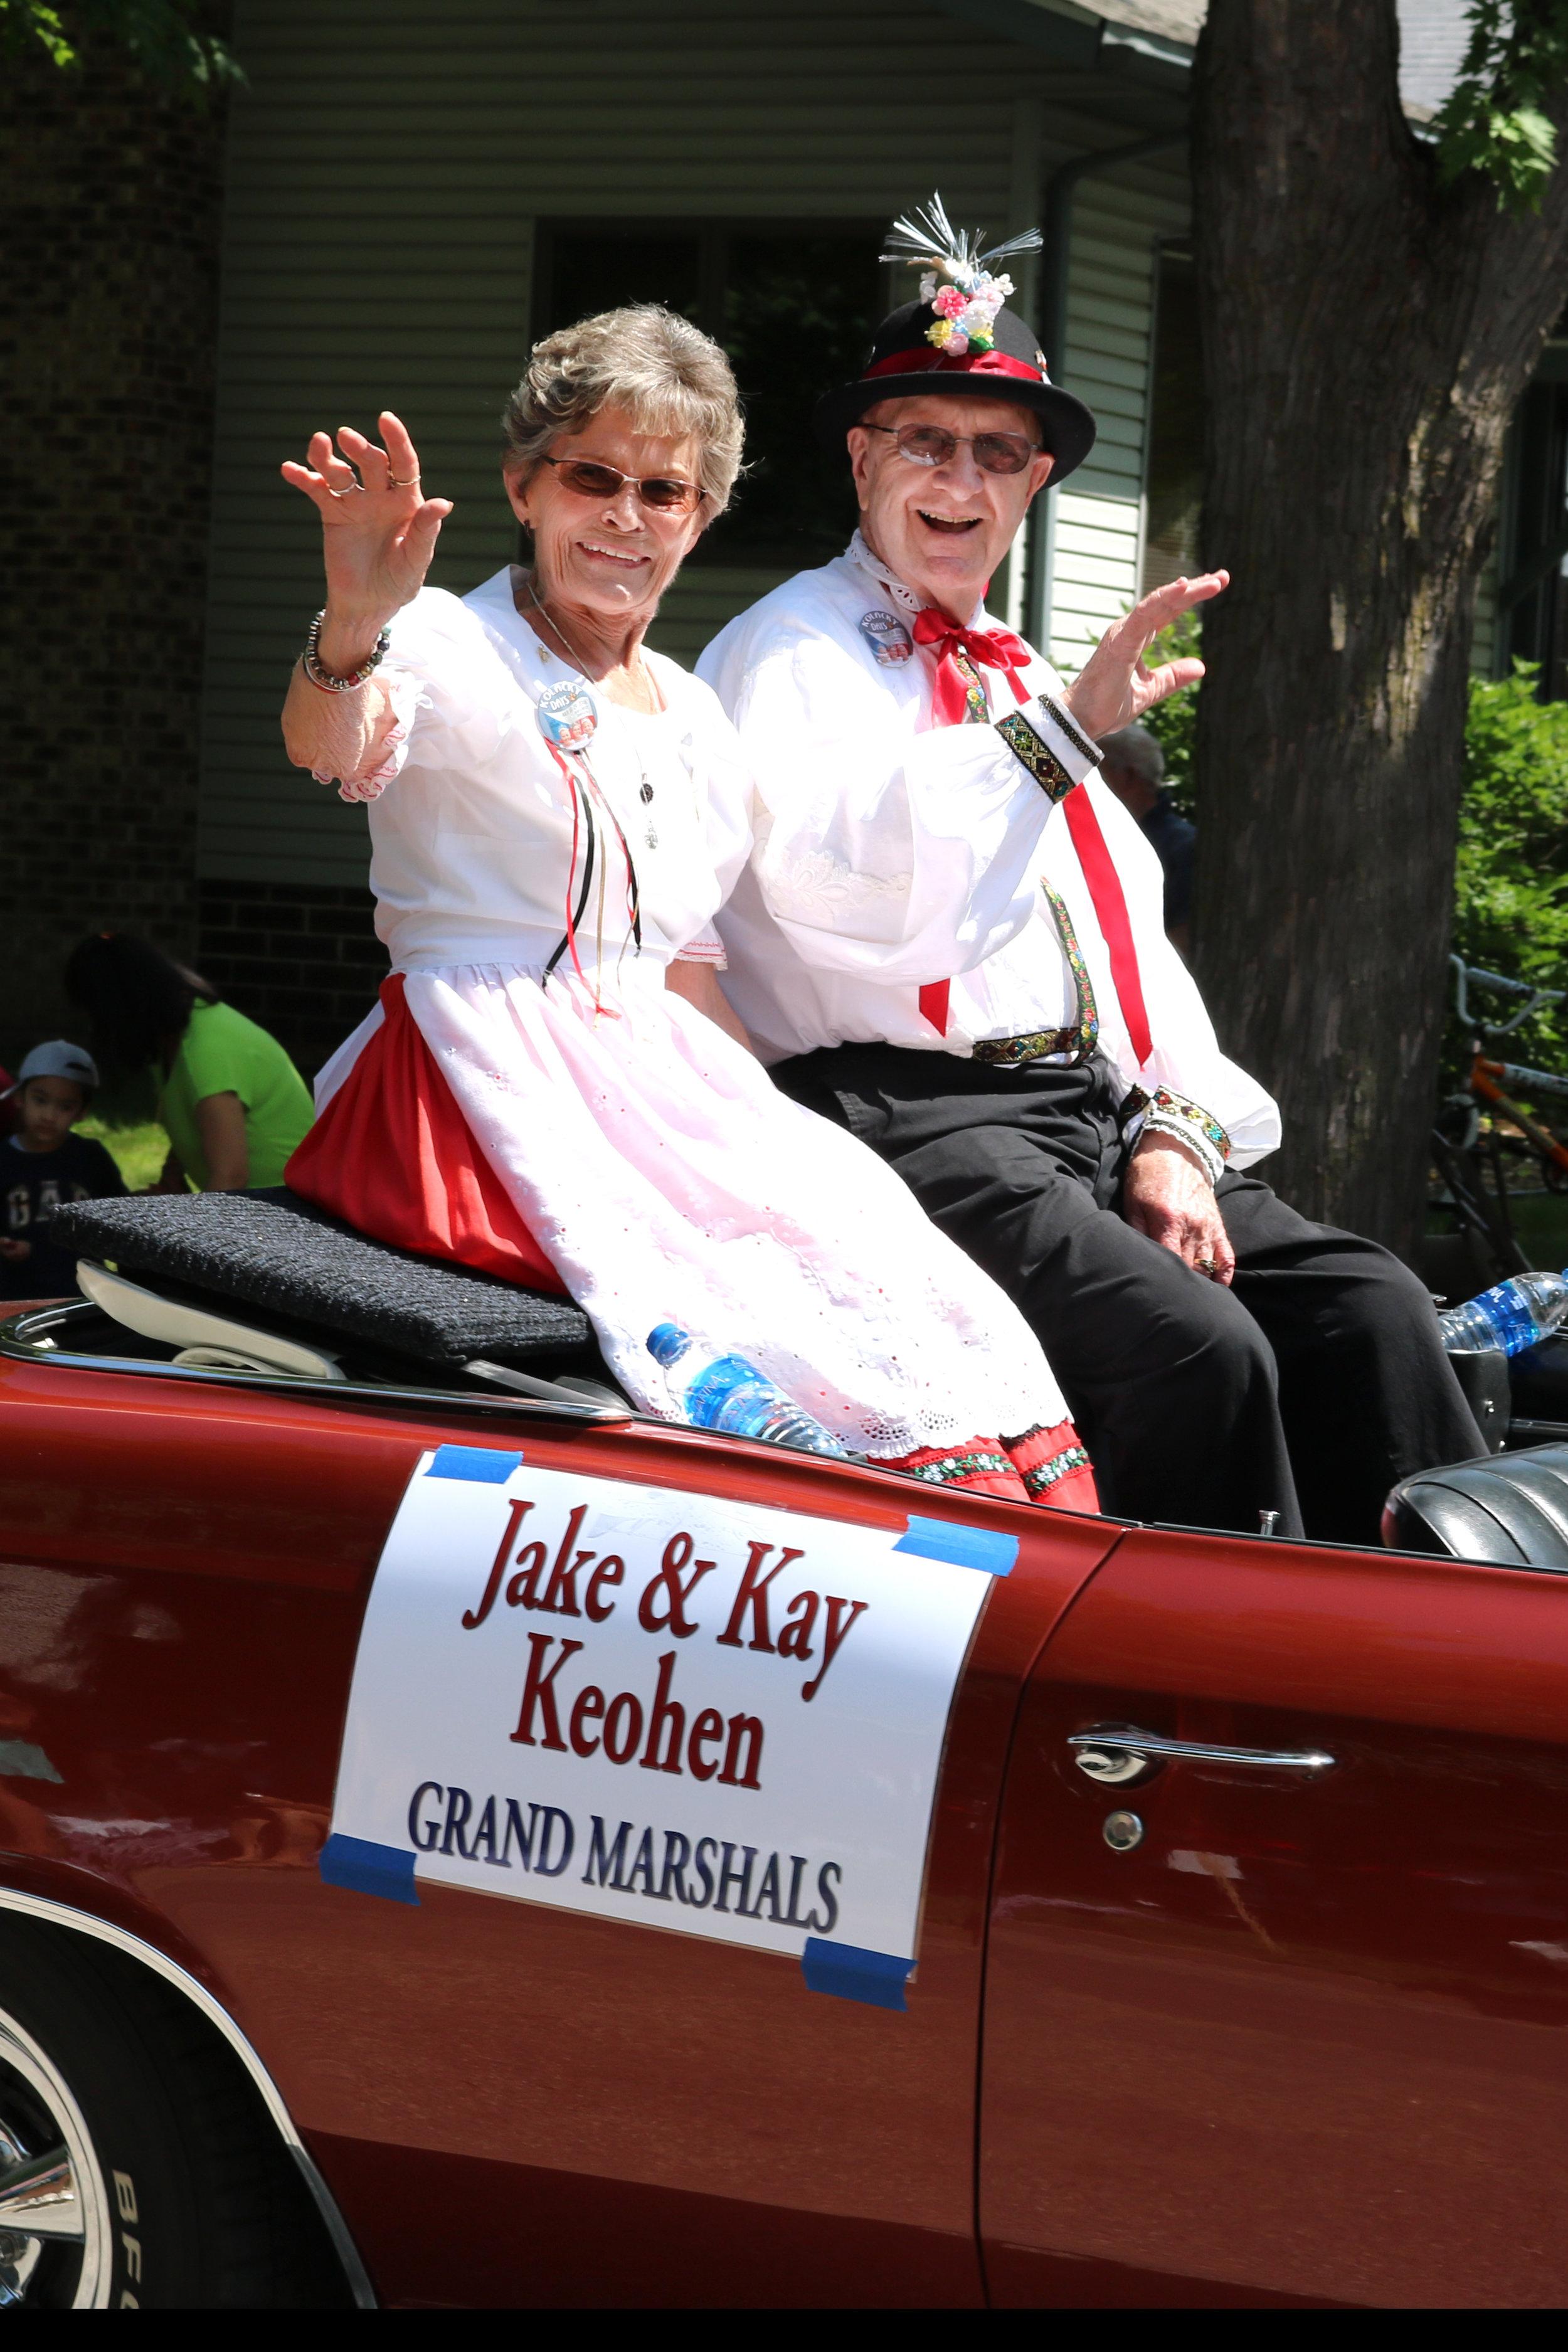 2018 - Jake & Kay Keohen